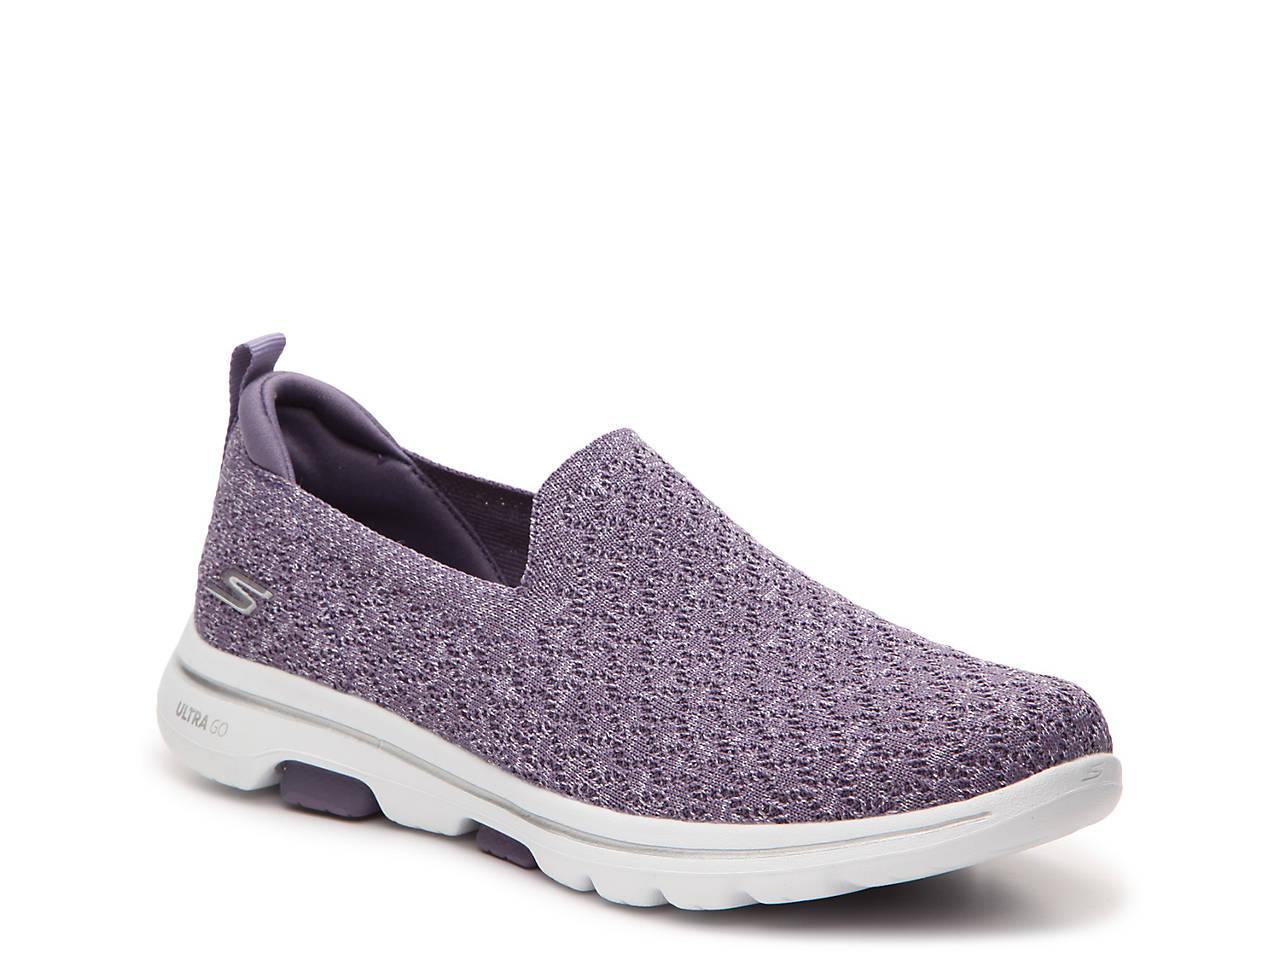 GOWalk 5 Brave Slip On Sneaker Women's